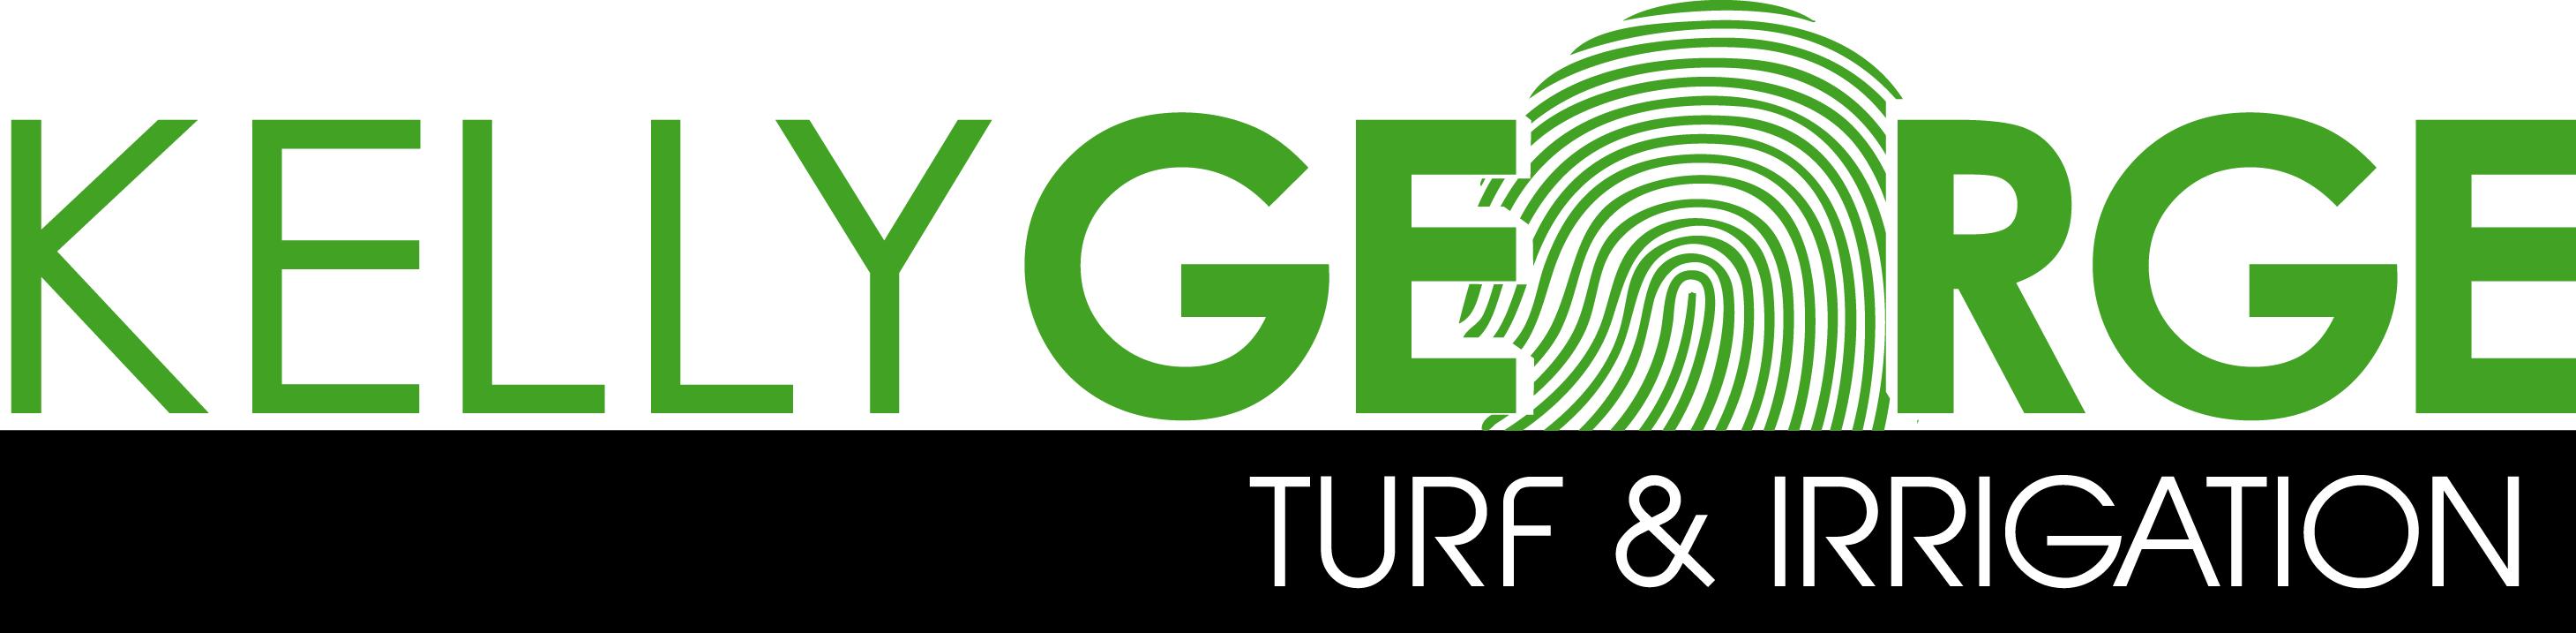 Kelly George Turf & Irrigation